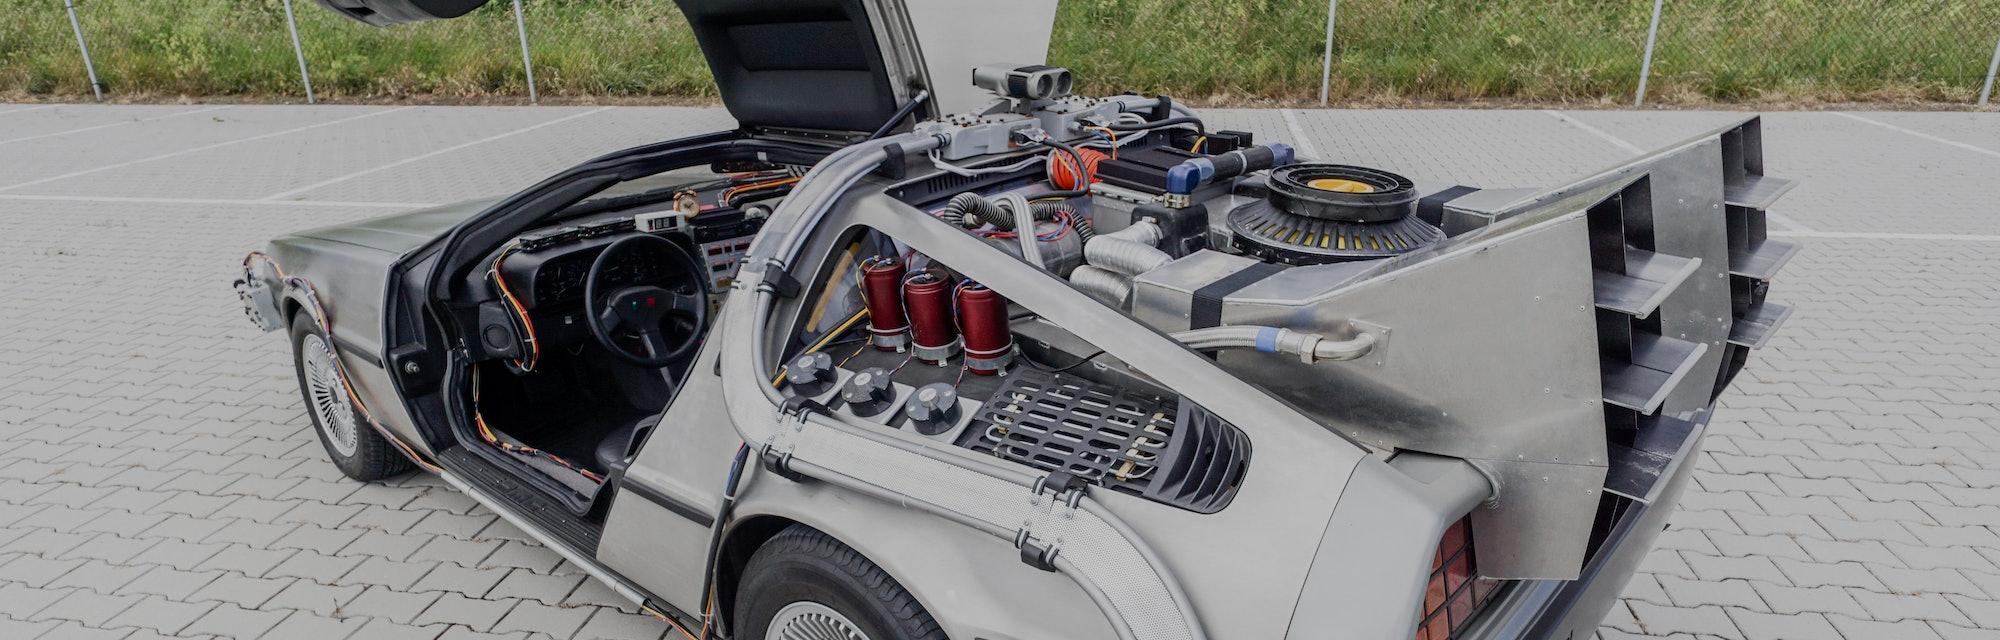 A DeLorean car